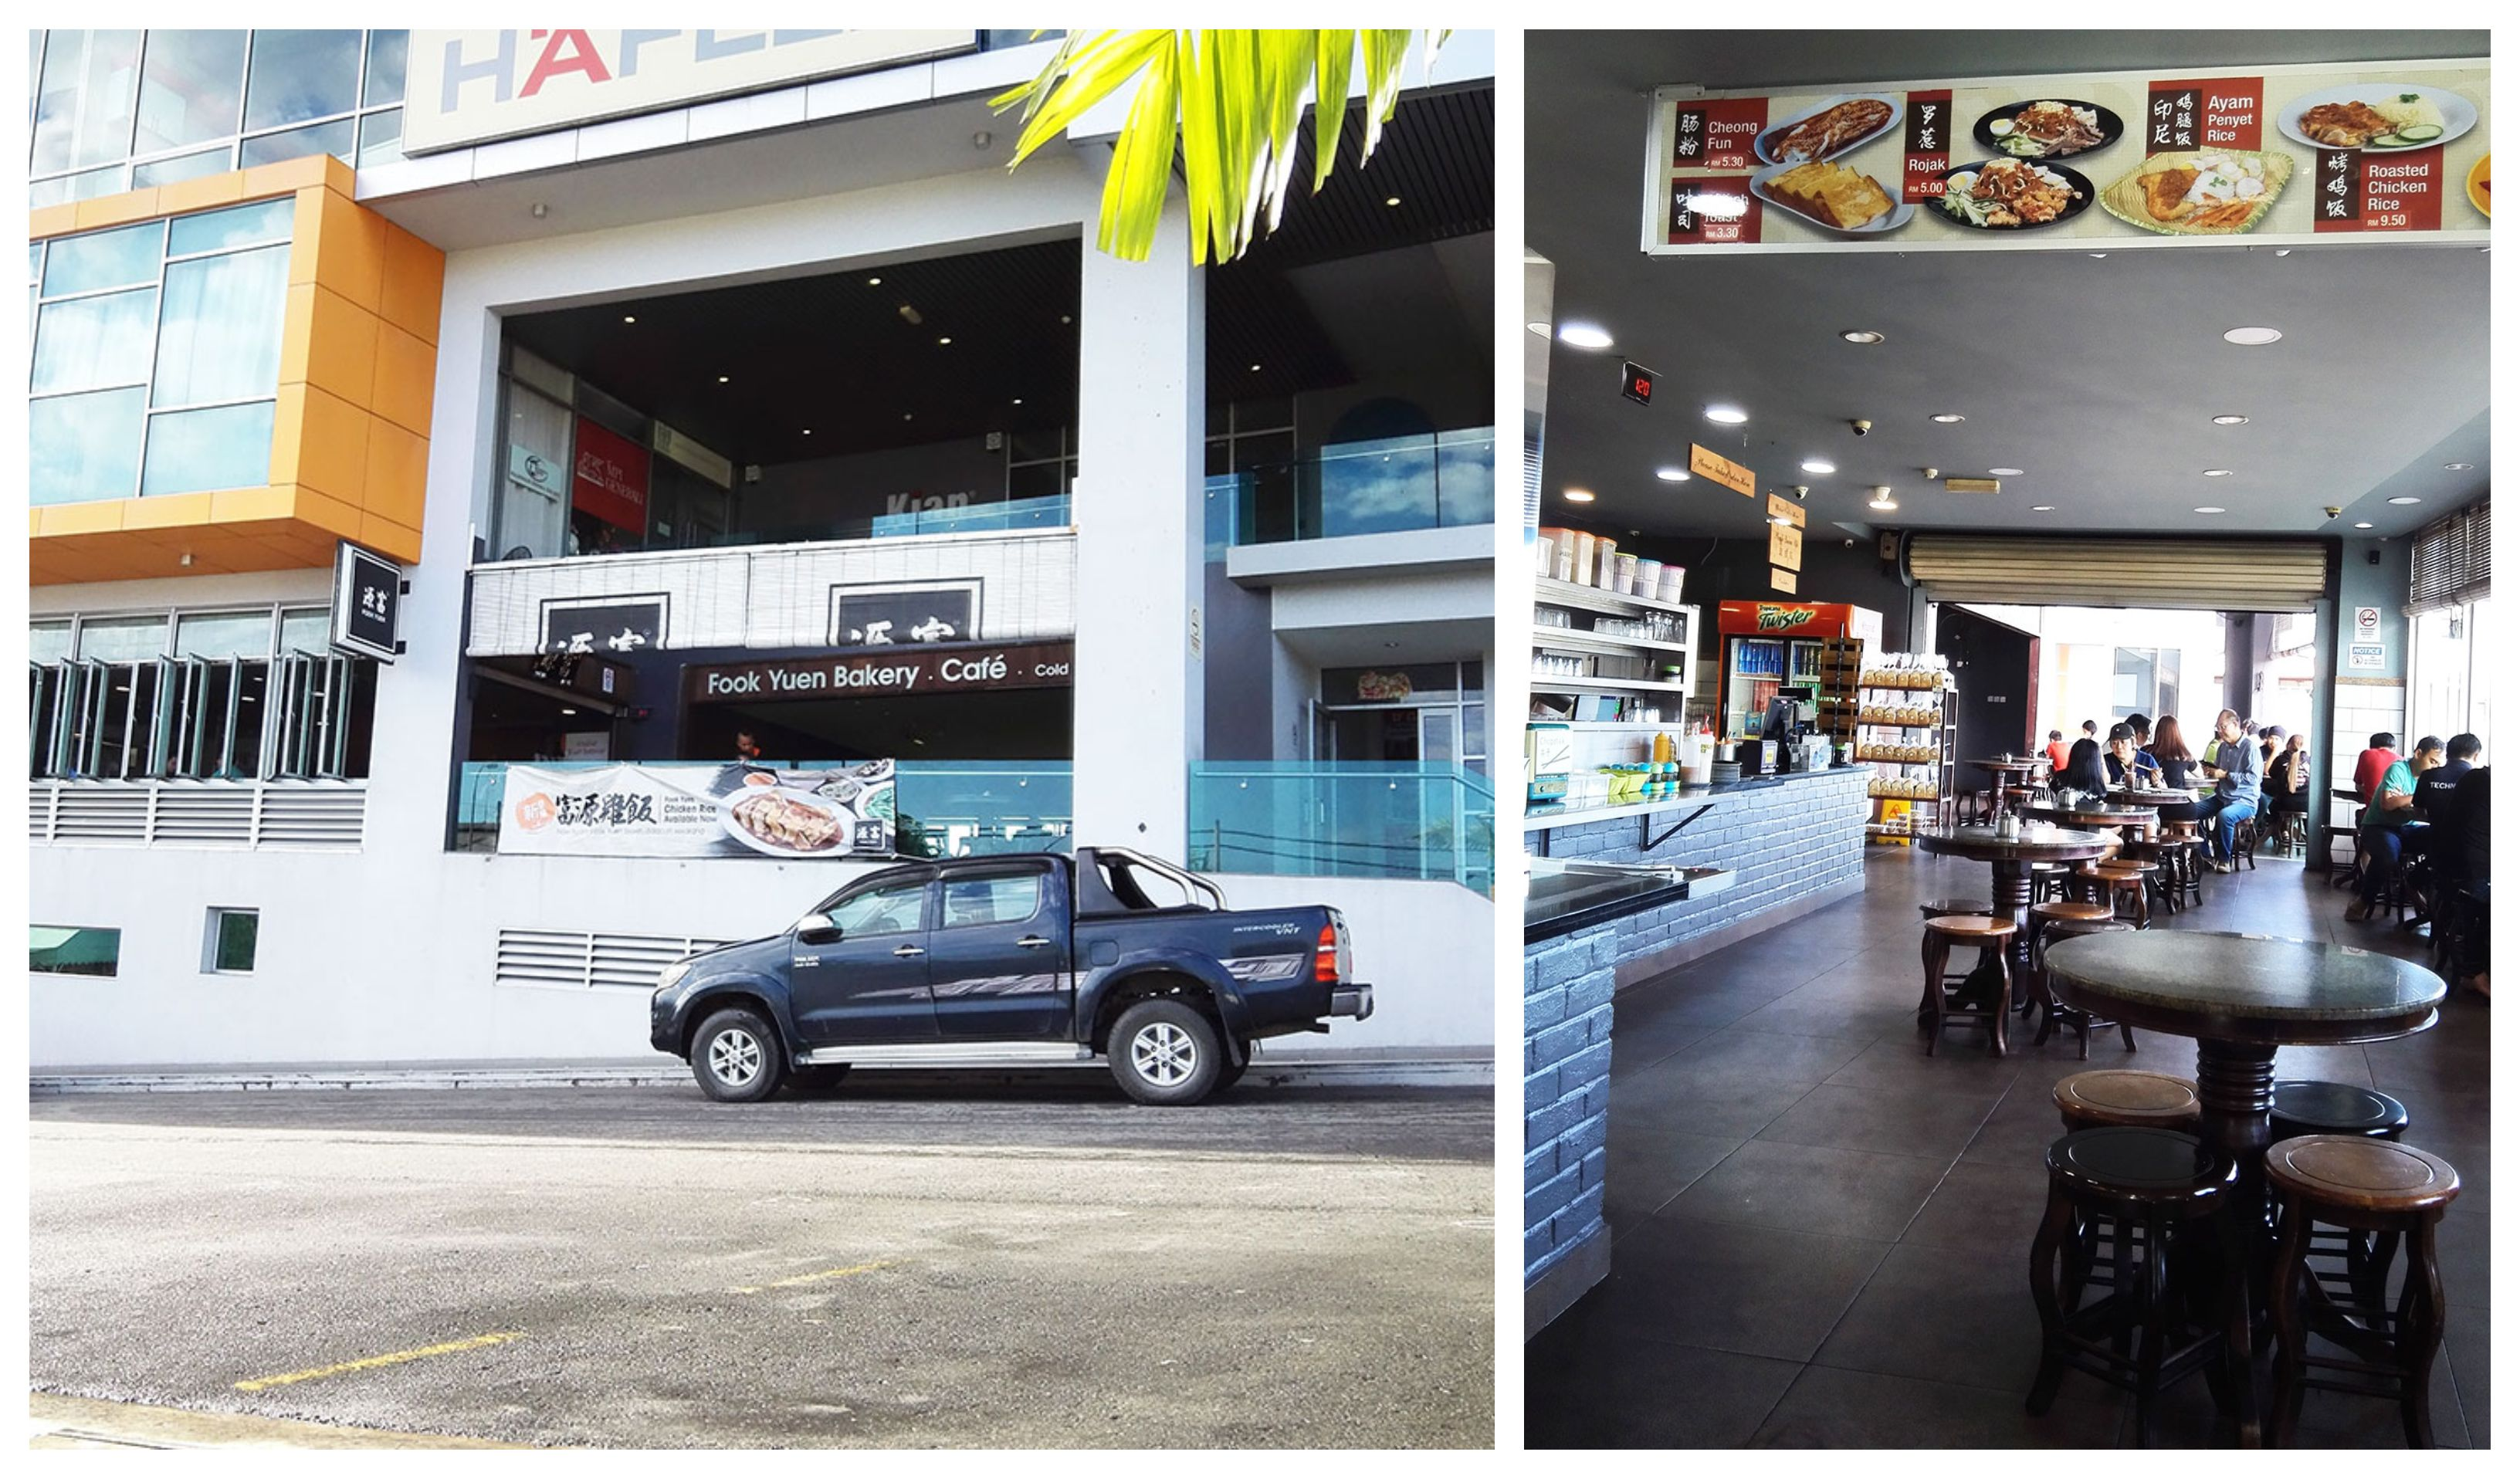 Kedai Kopi Fook Yuen Sabah